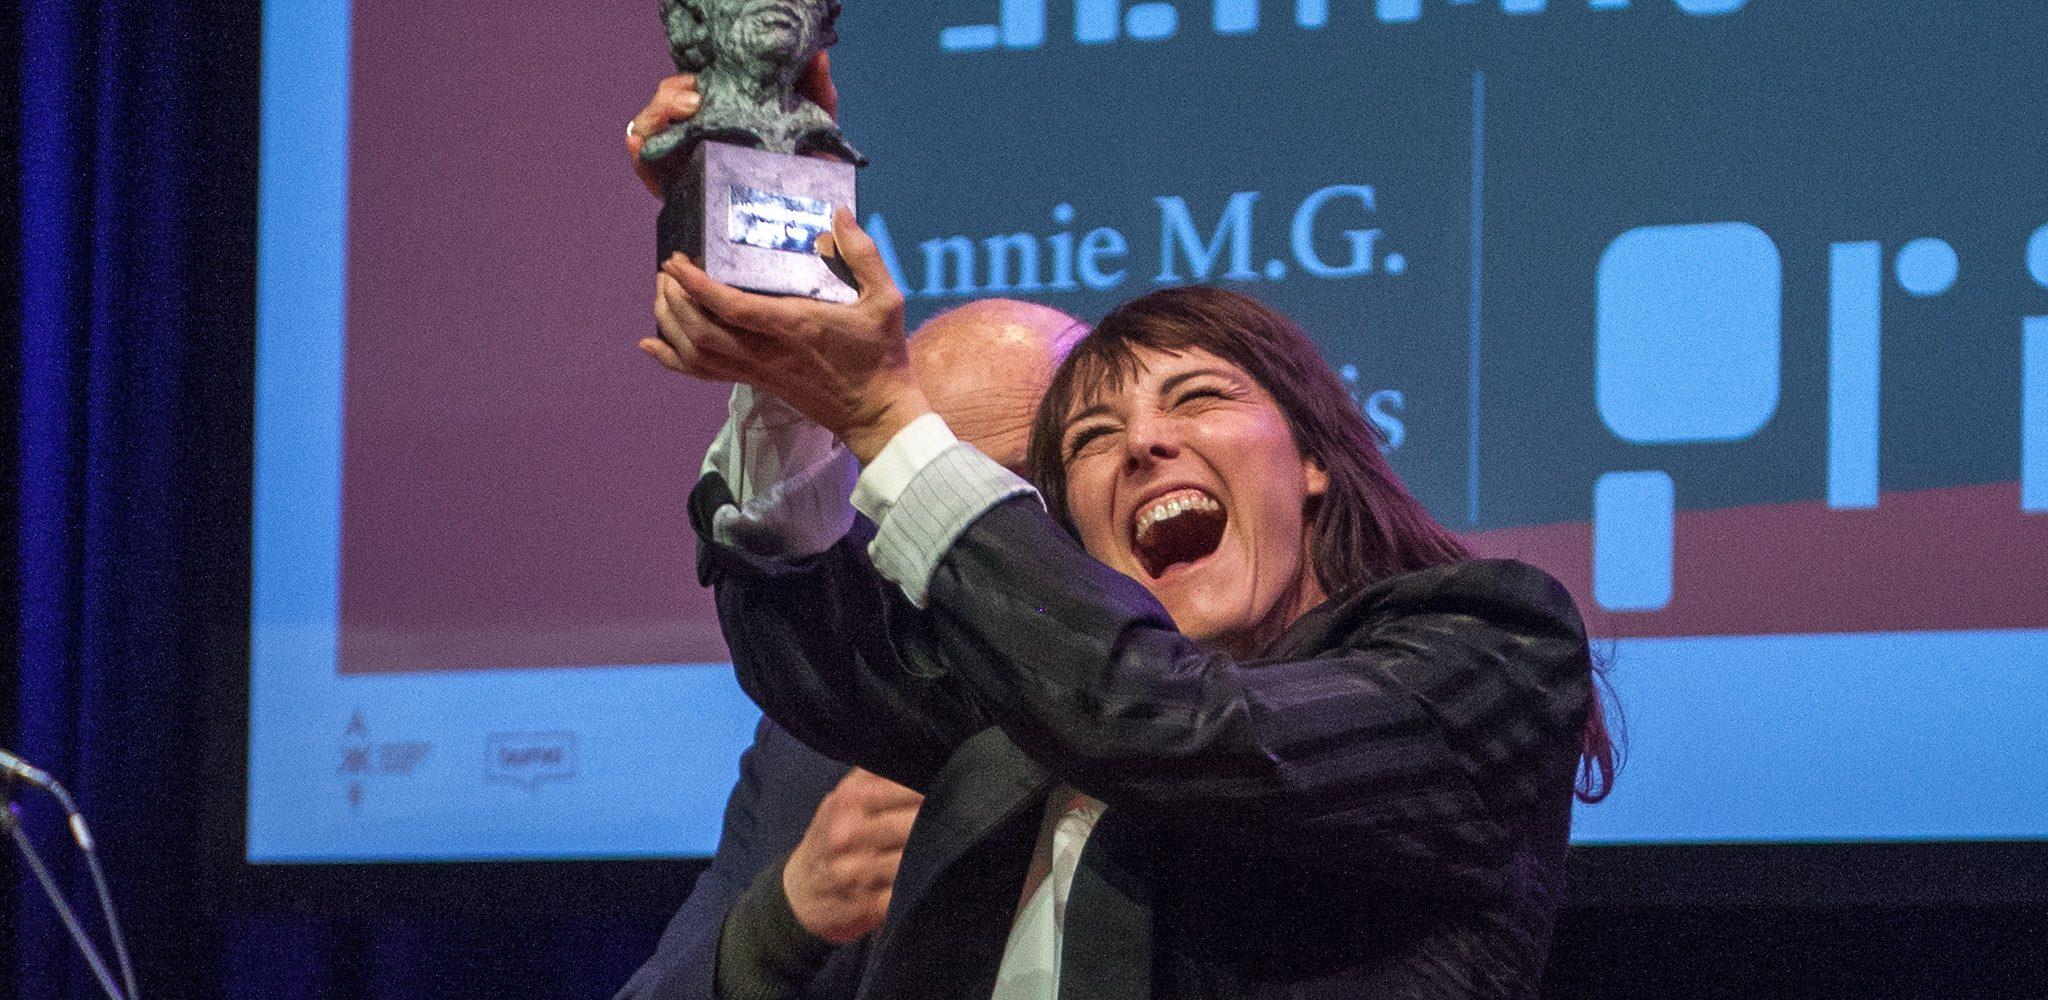 AnnieMGSchmidtprijs